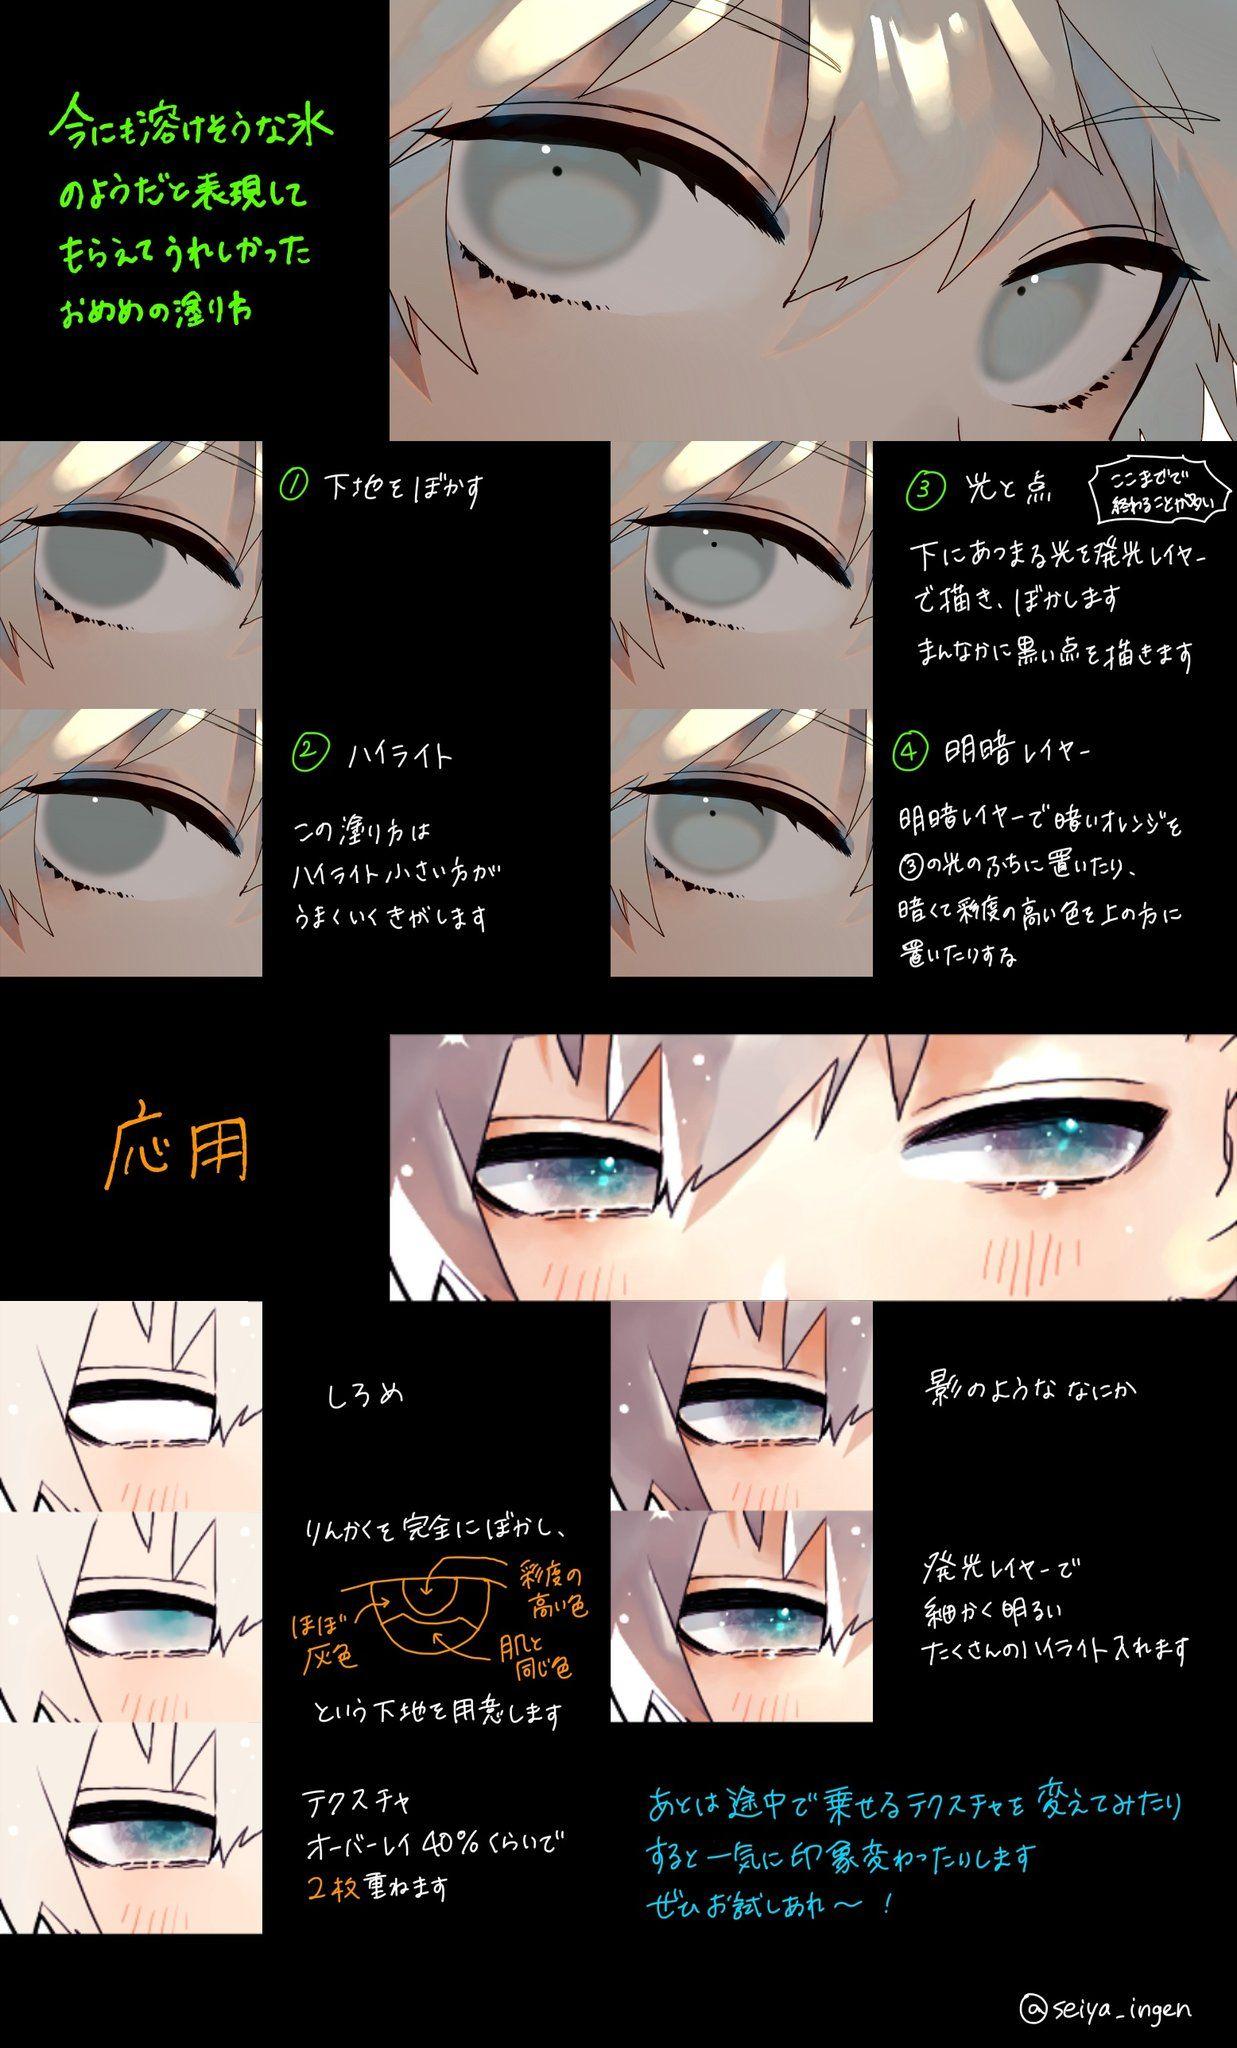 いんげん 10/11 南2シ32b on Twitter